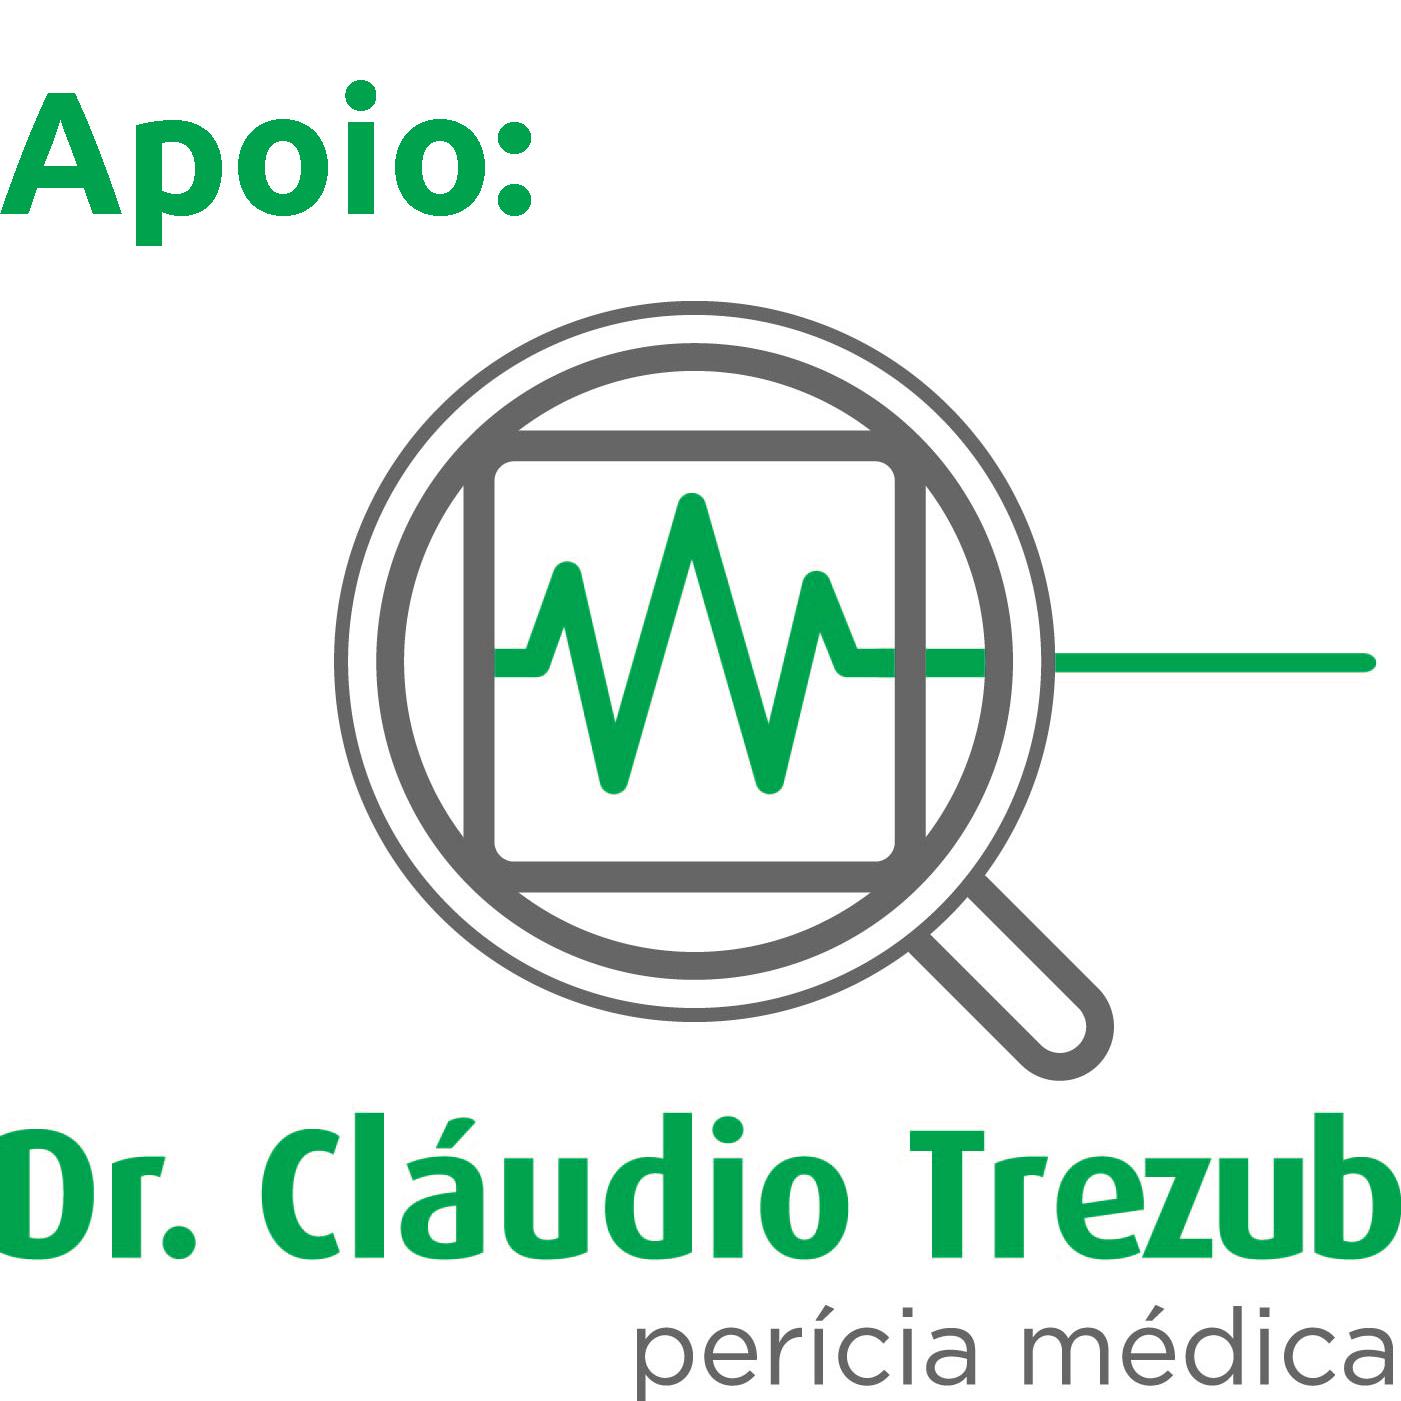 Blog Claudio Trezub